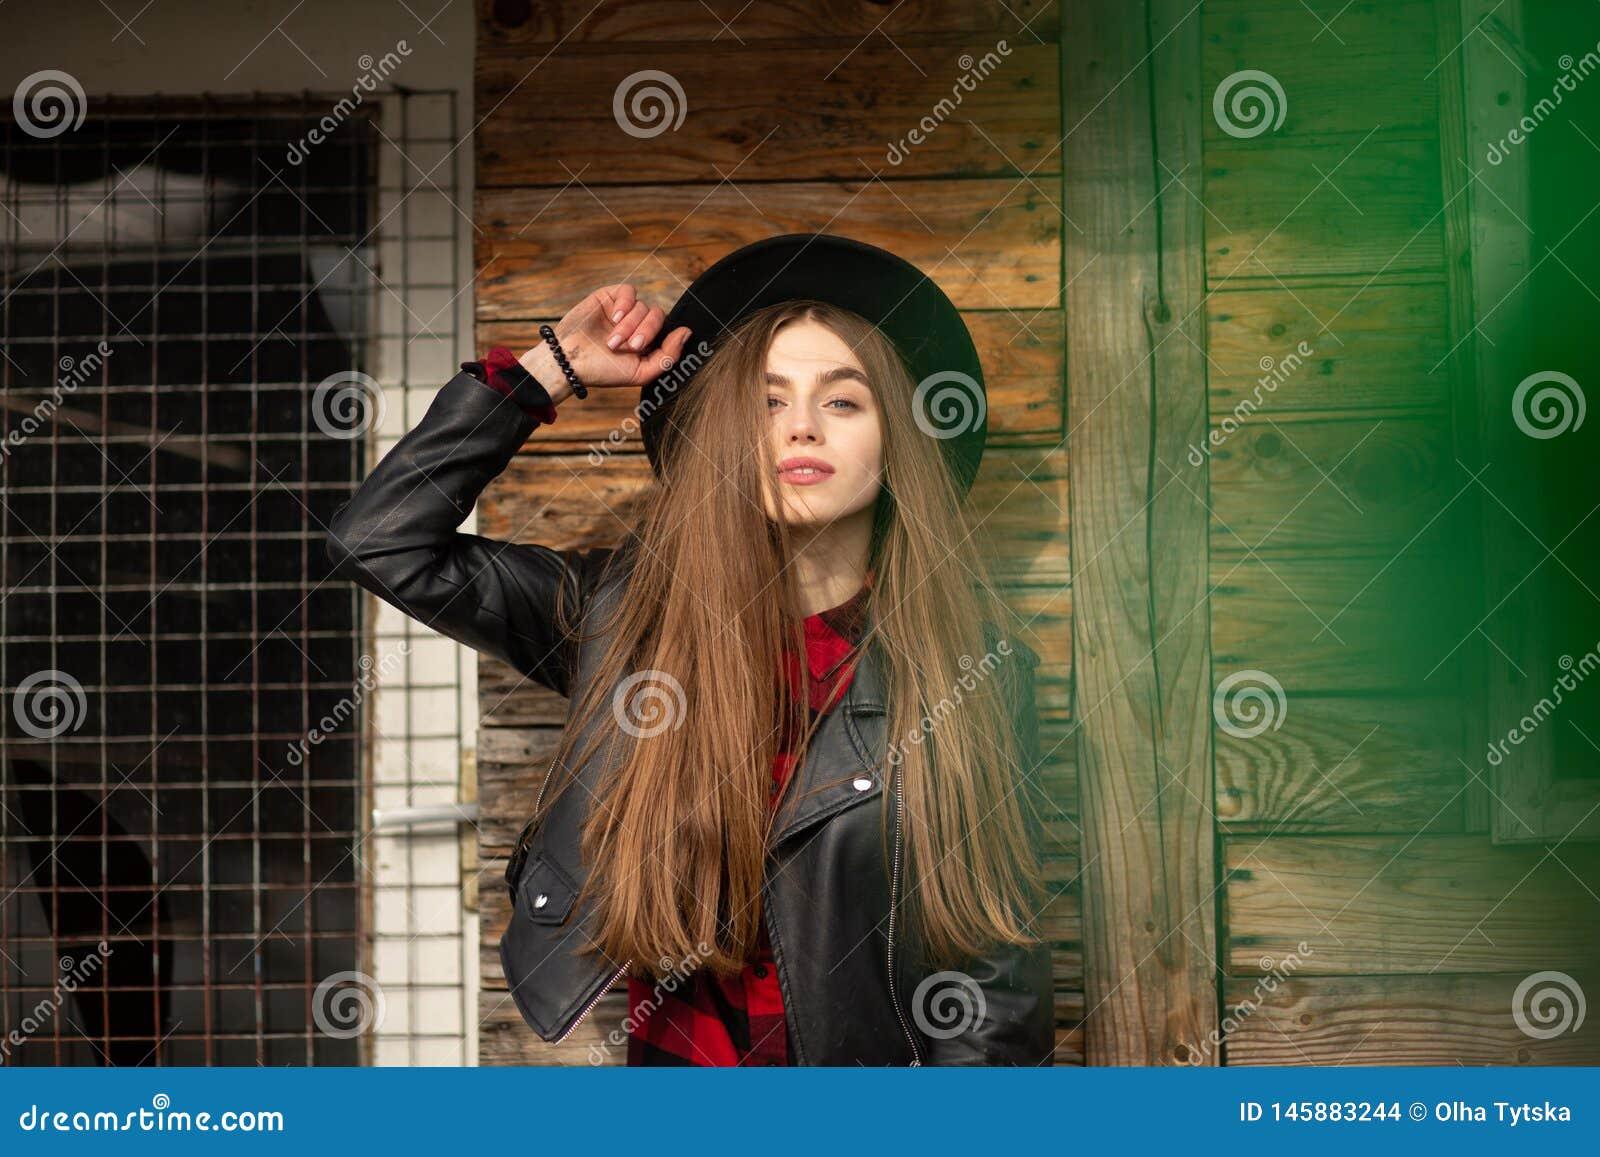 Mooi meisje met lang haar en zwarte hoed, tribunes op de achtergrond van uitstekend oud blokhuis